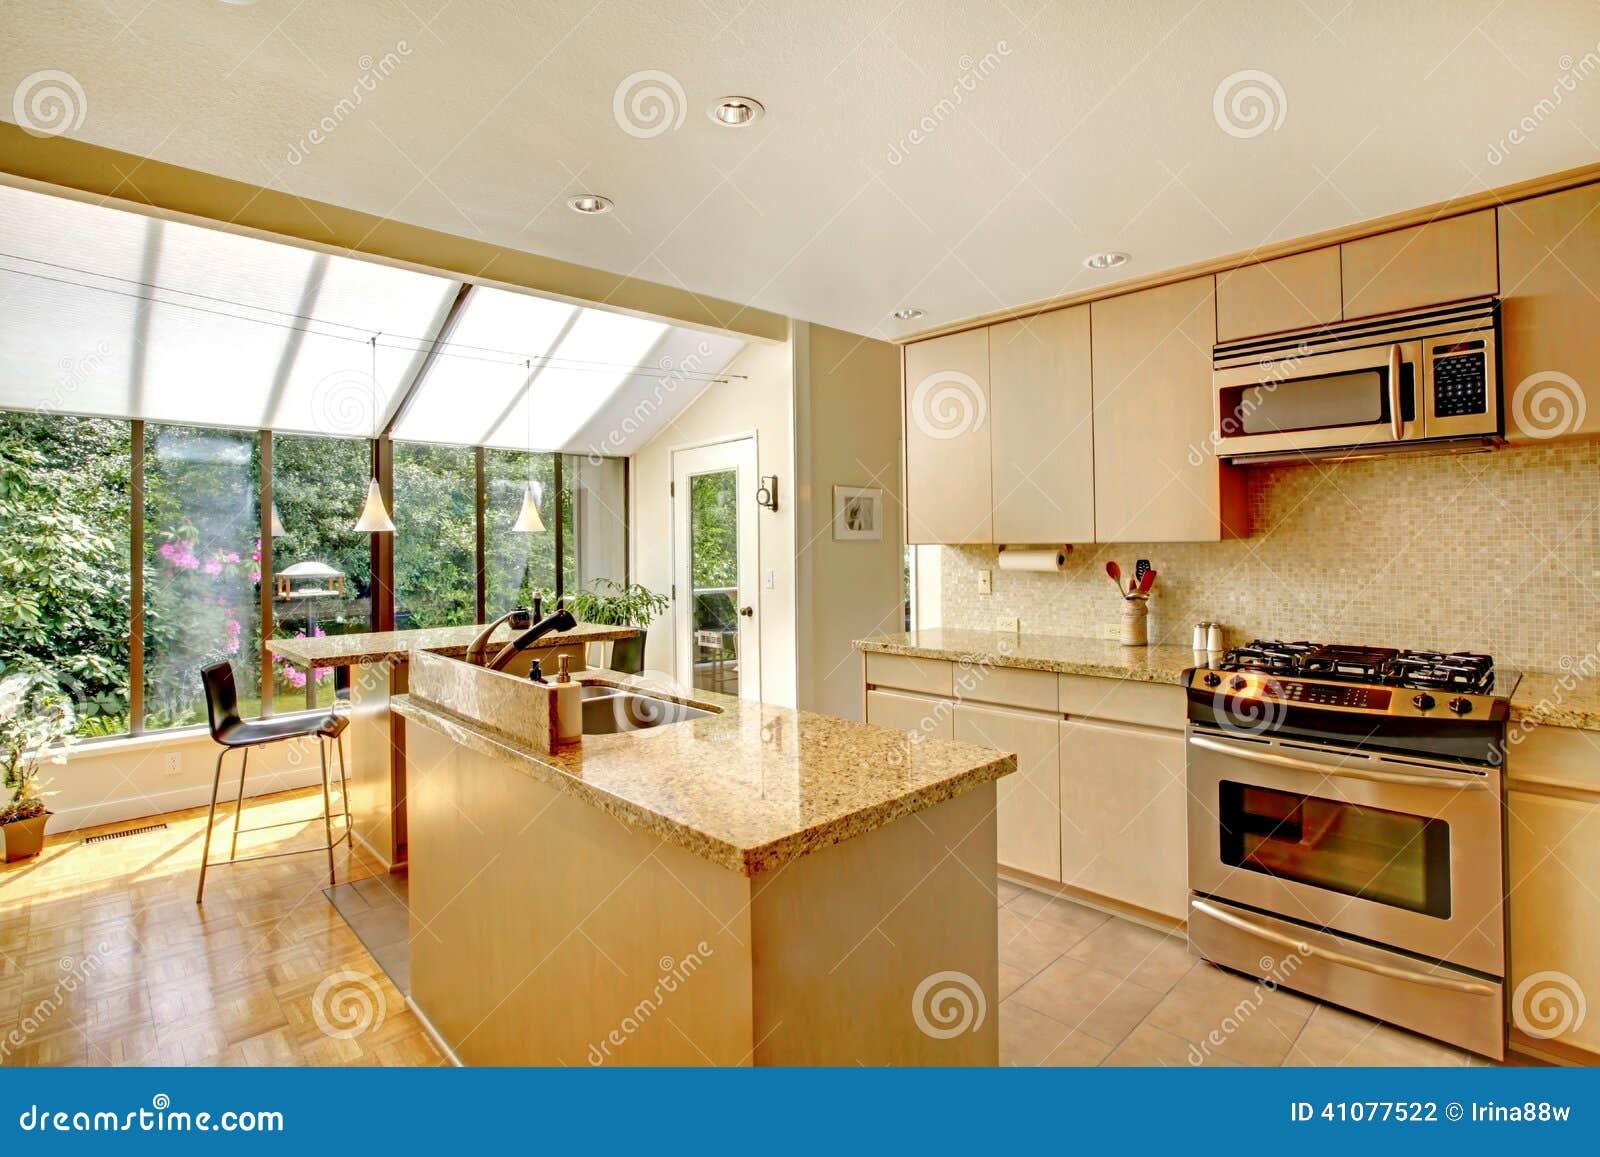 programma di pavimento aperto cucina e portico schermato